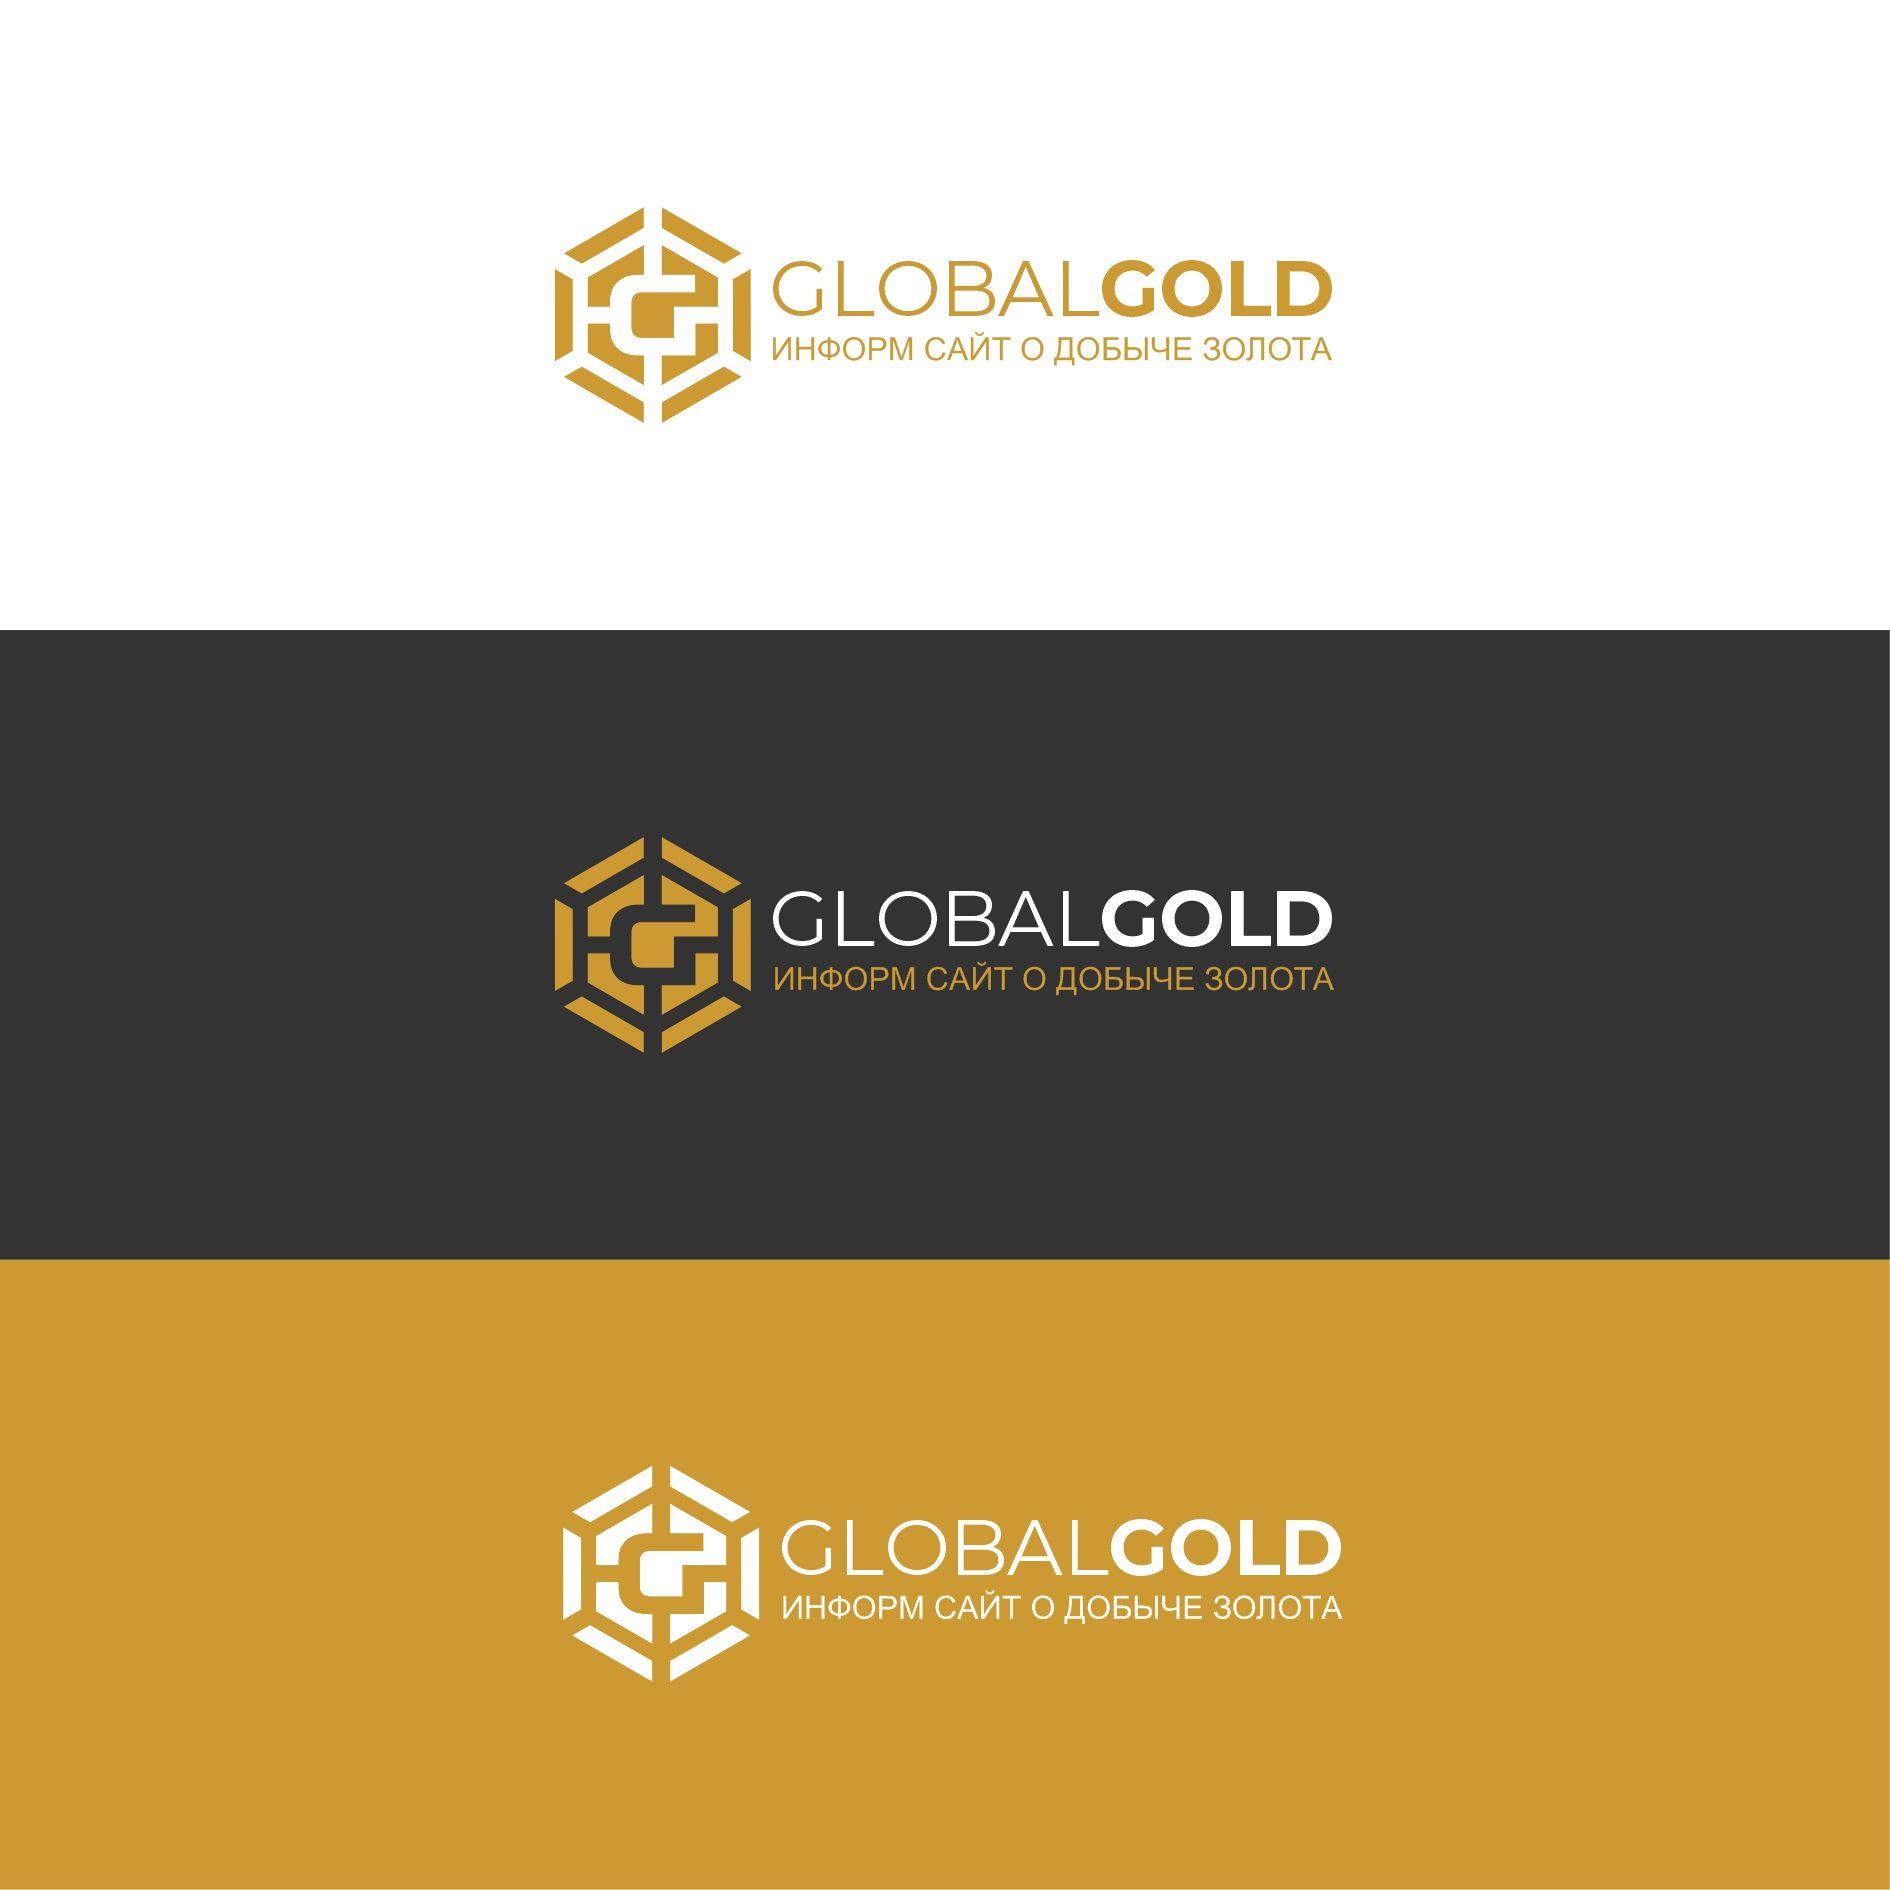 Логотип для Global-Gold - дизайнер serz4868